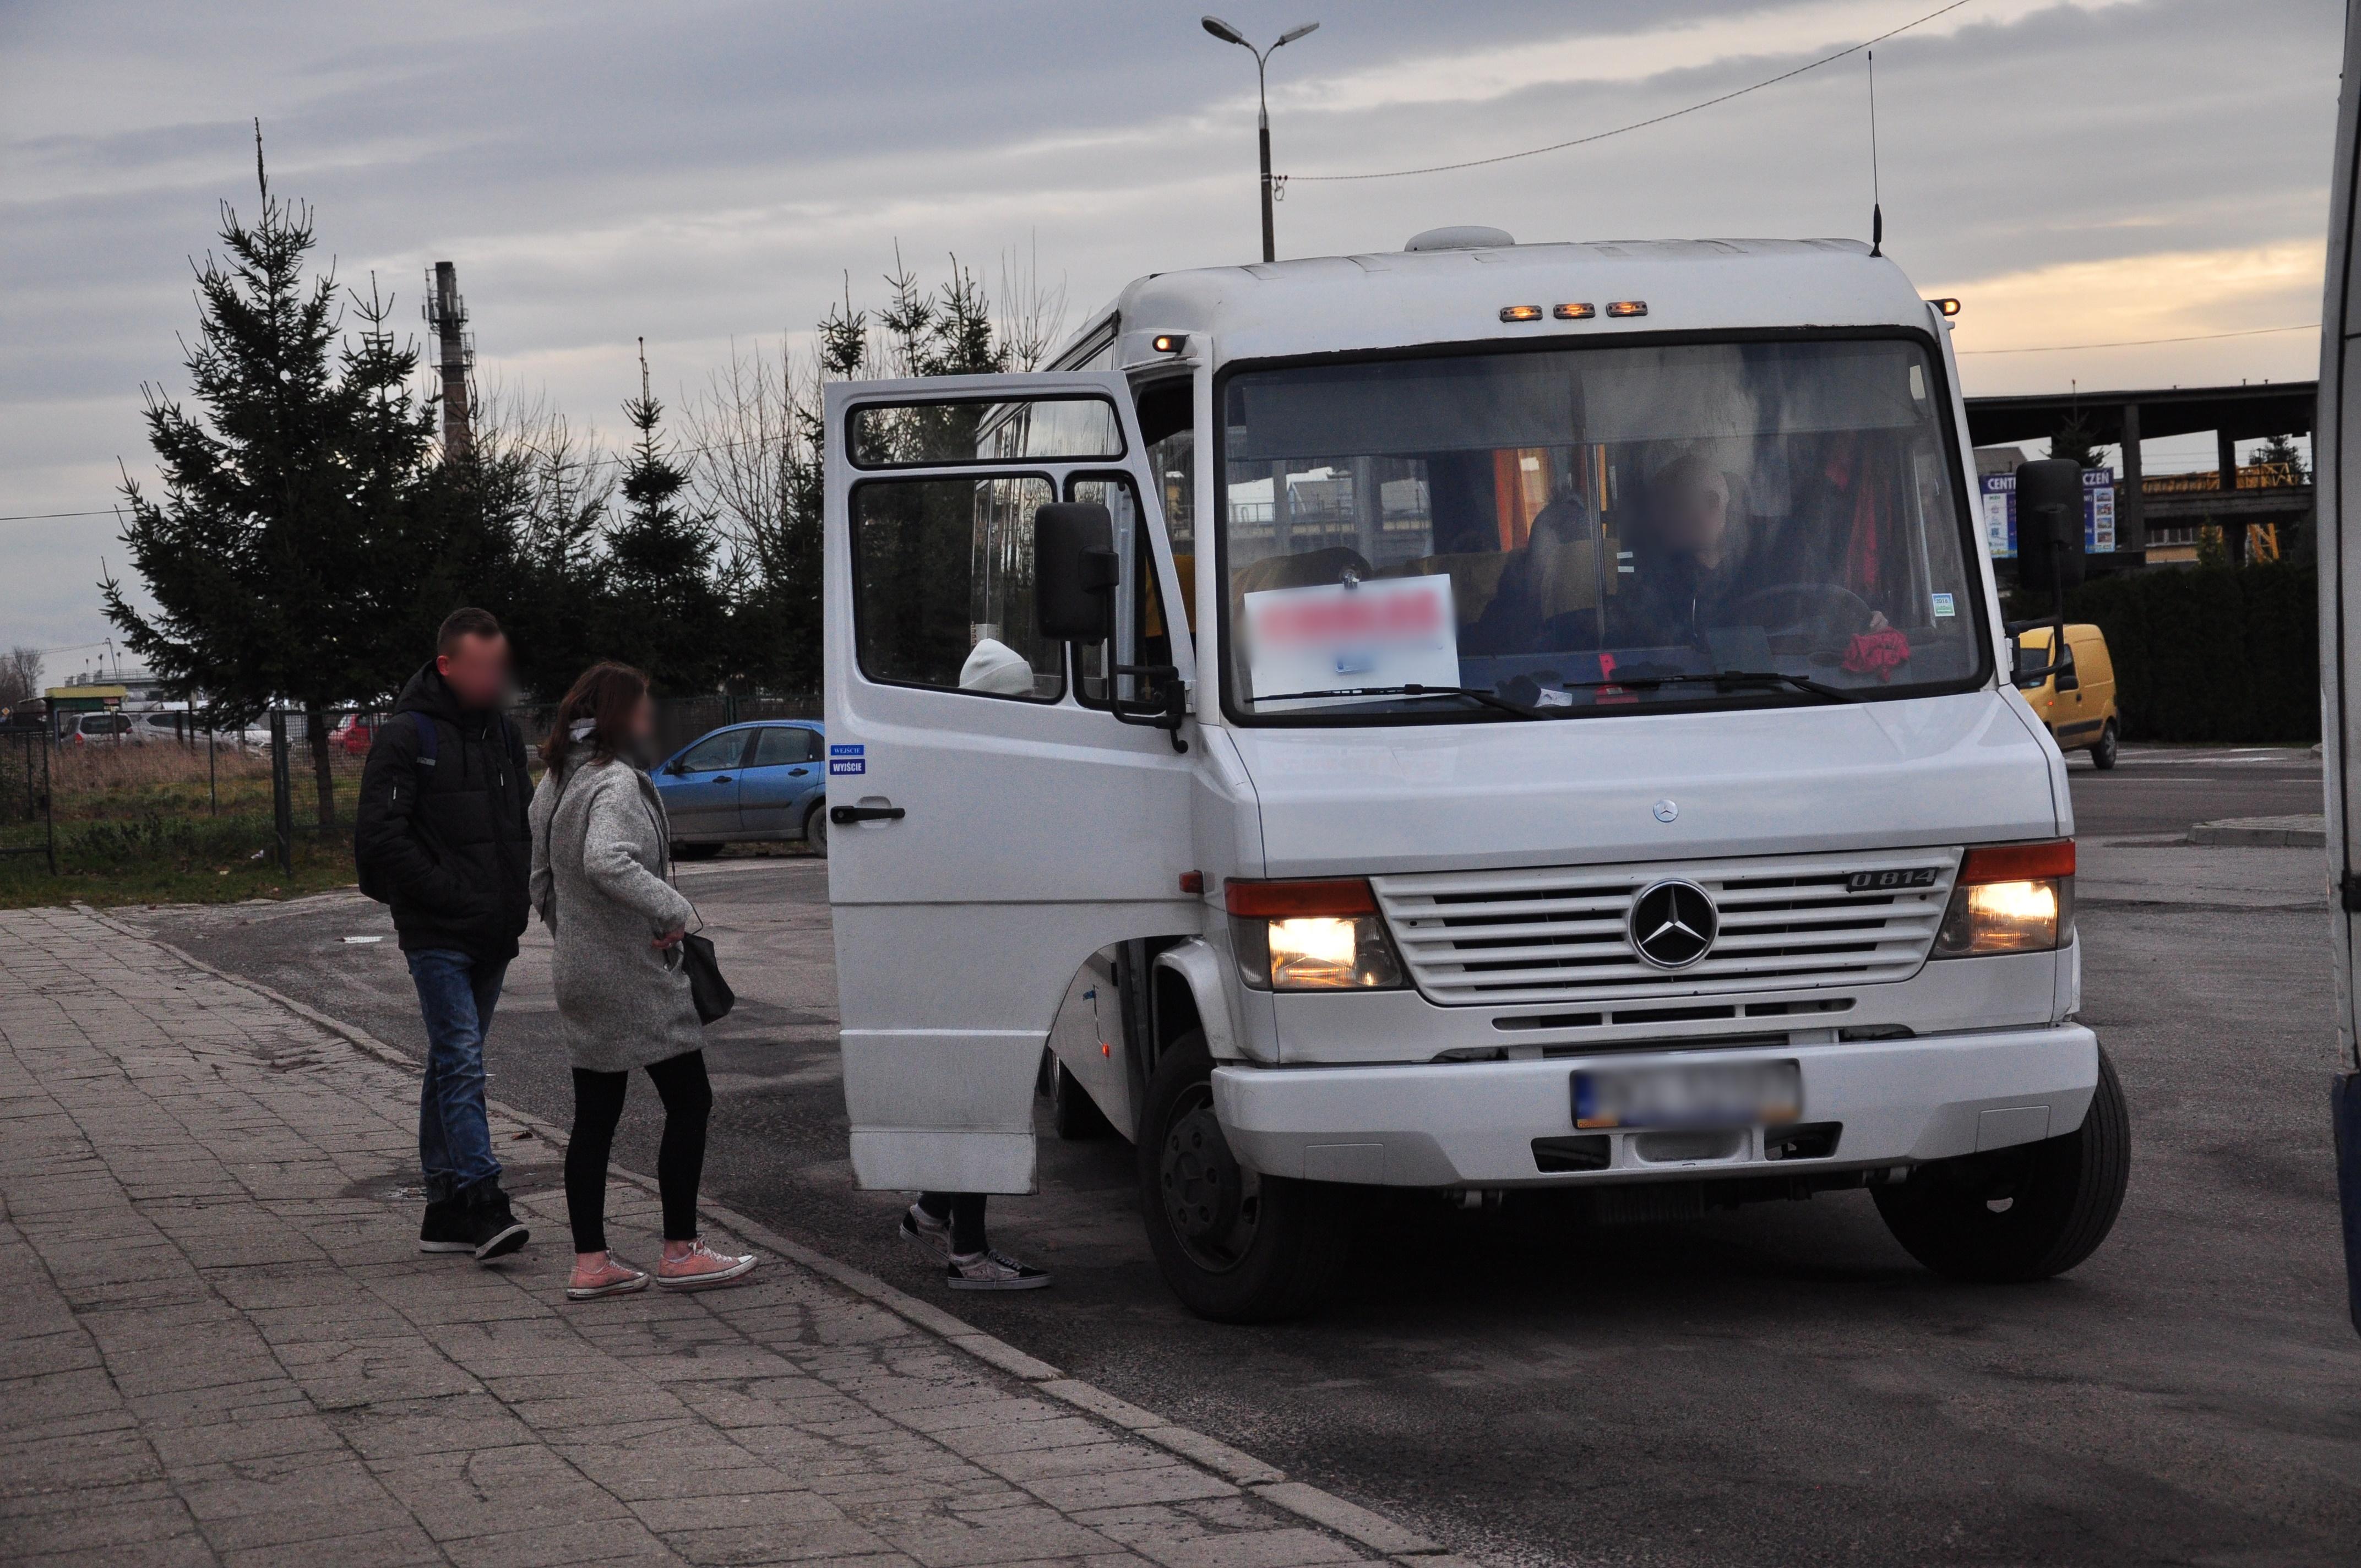 Bilety miesięczne tańsze dla uczniów szkół średnich w powiecie kolbuszowskim. Skorzystać może nawet 60 proc. dojeżdżających - Zdjęcie główne